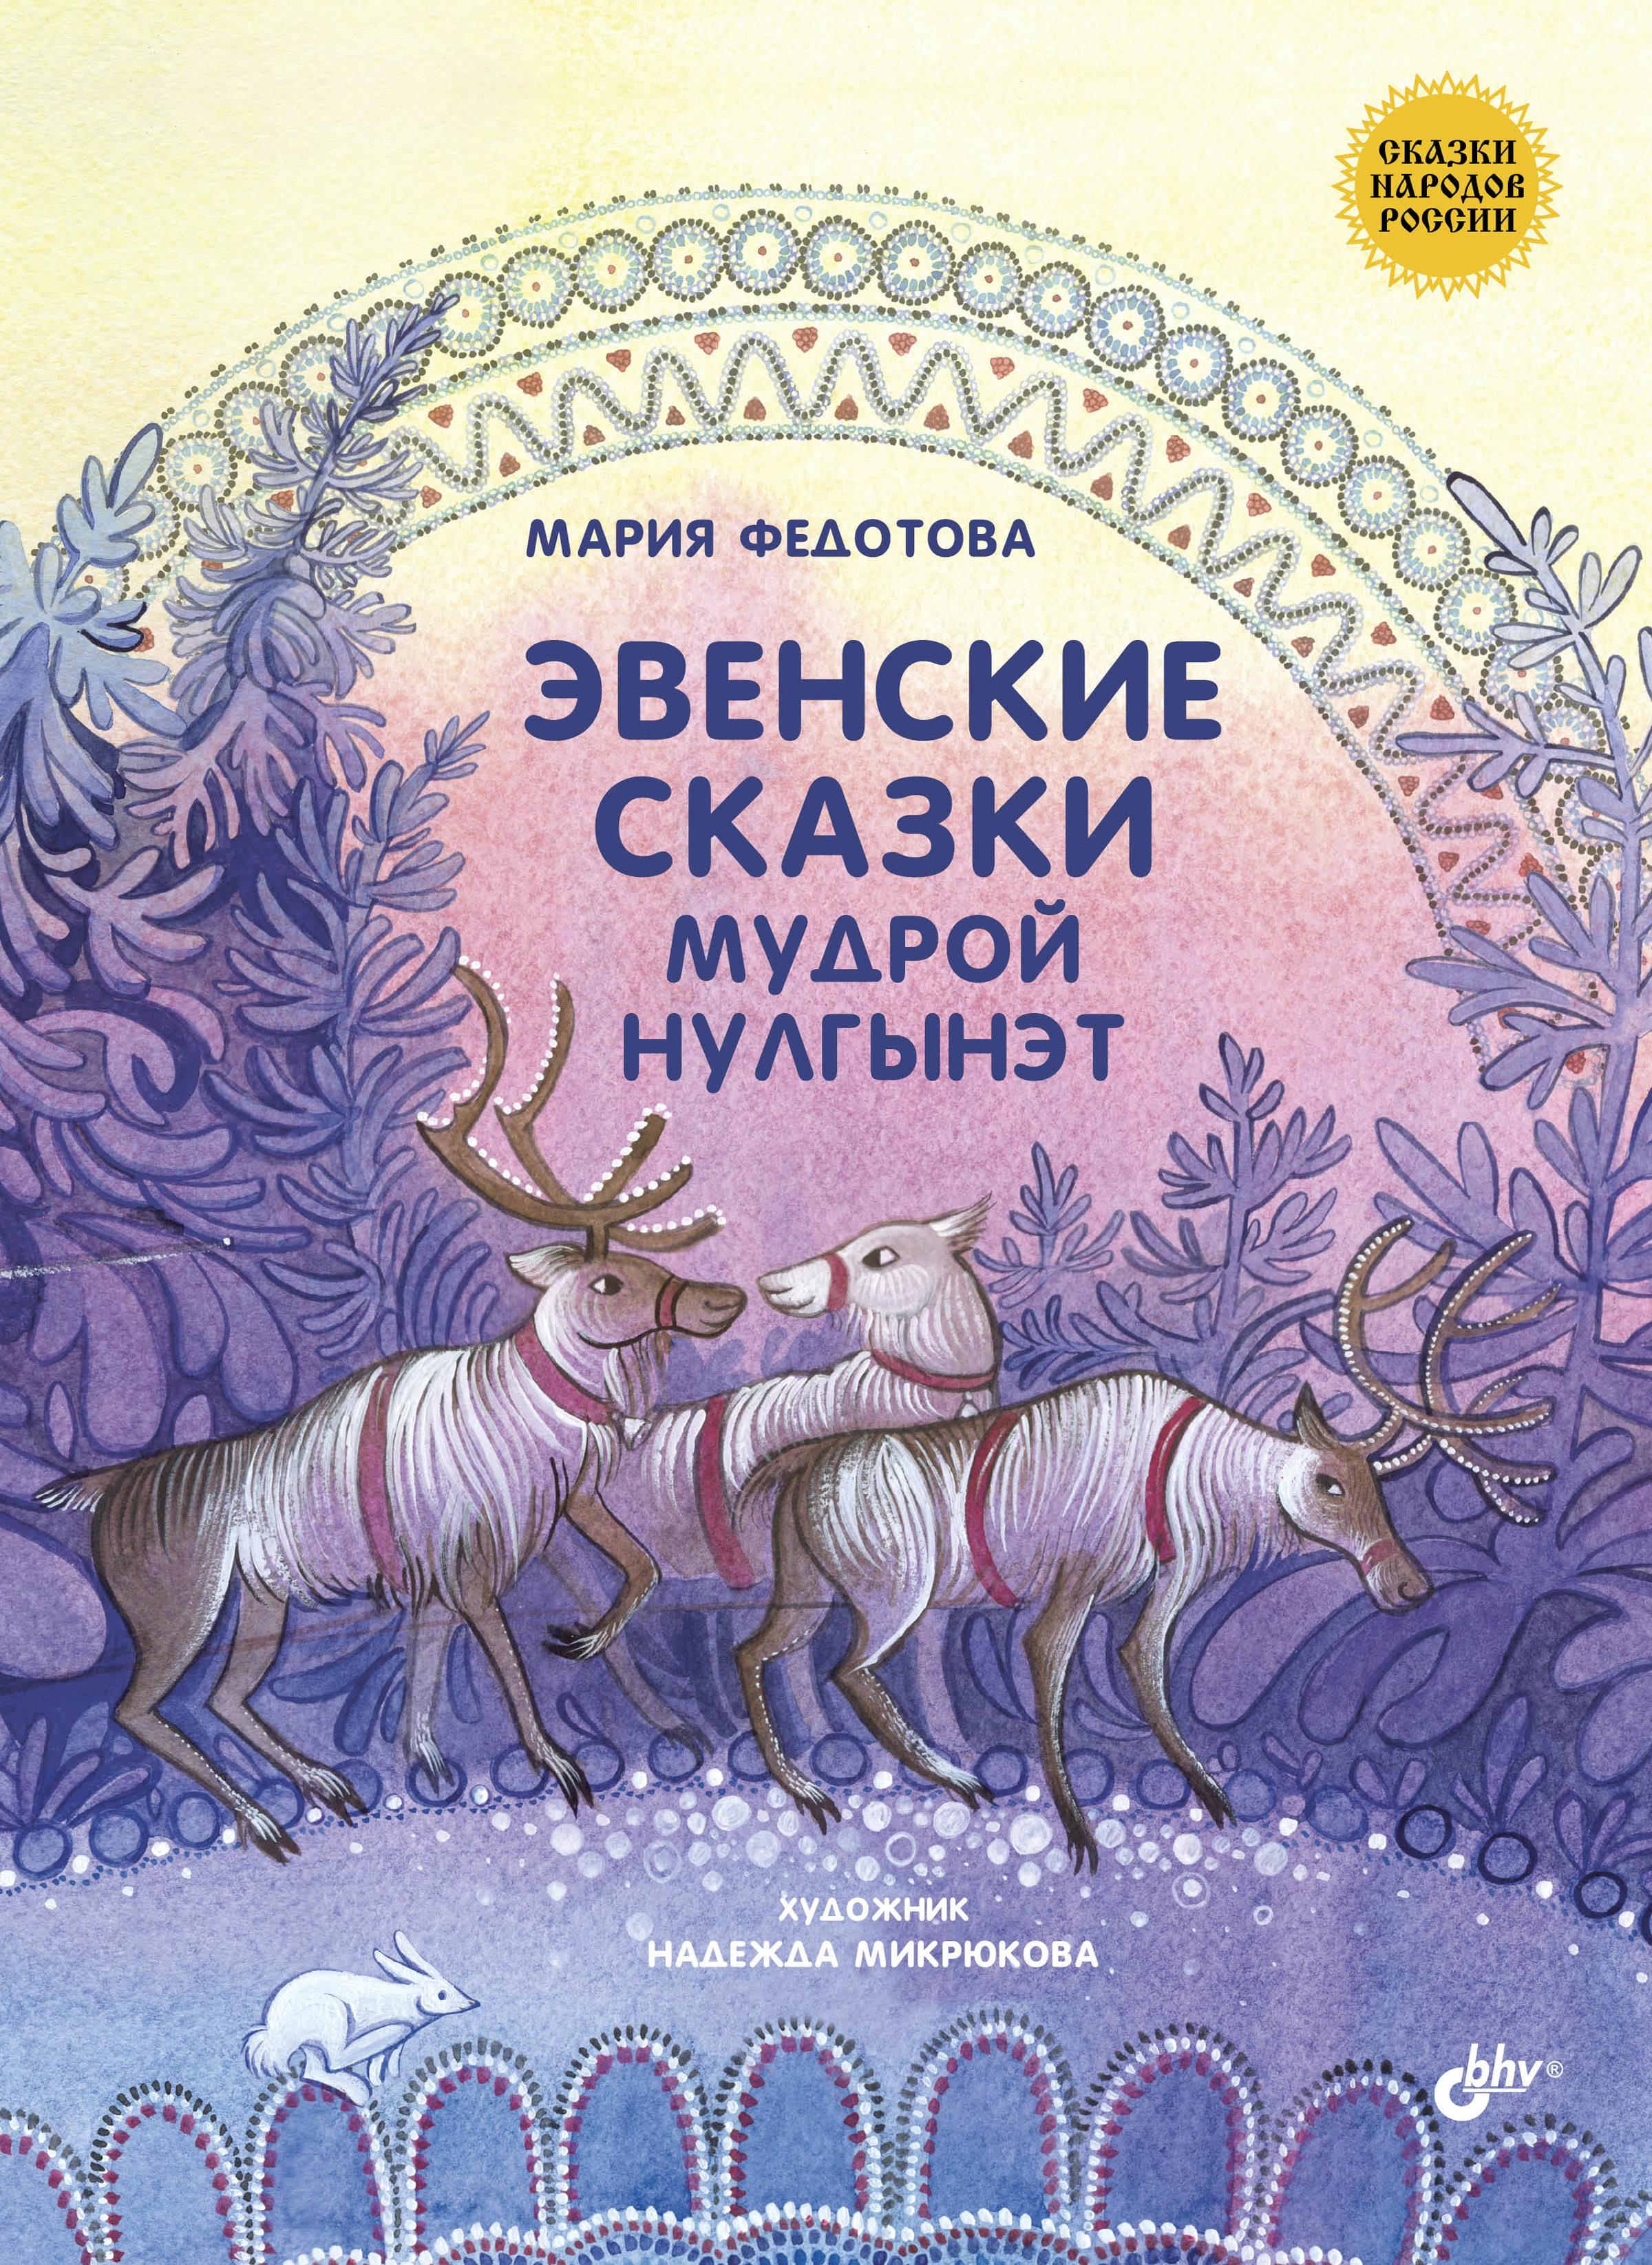 цена Мария Федотова Эвенские сказки мудрой Нулгынэт онлайн в 2017 году